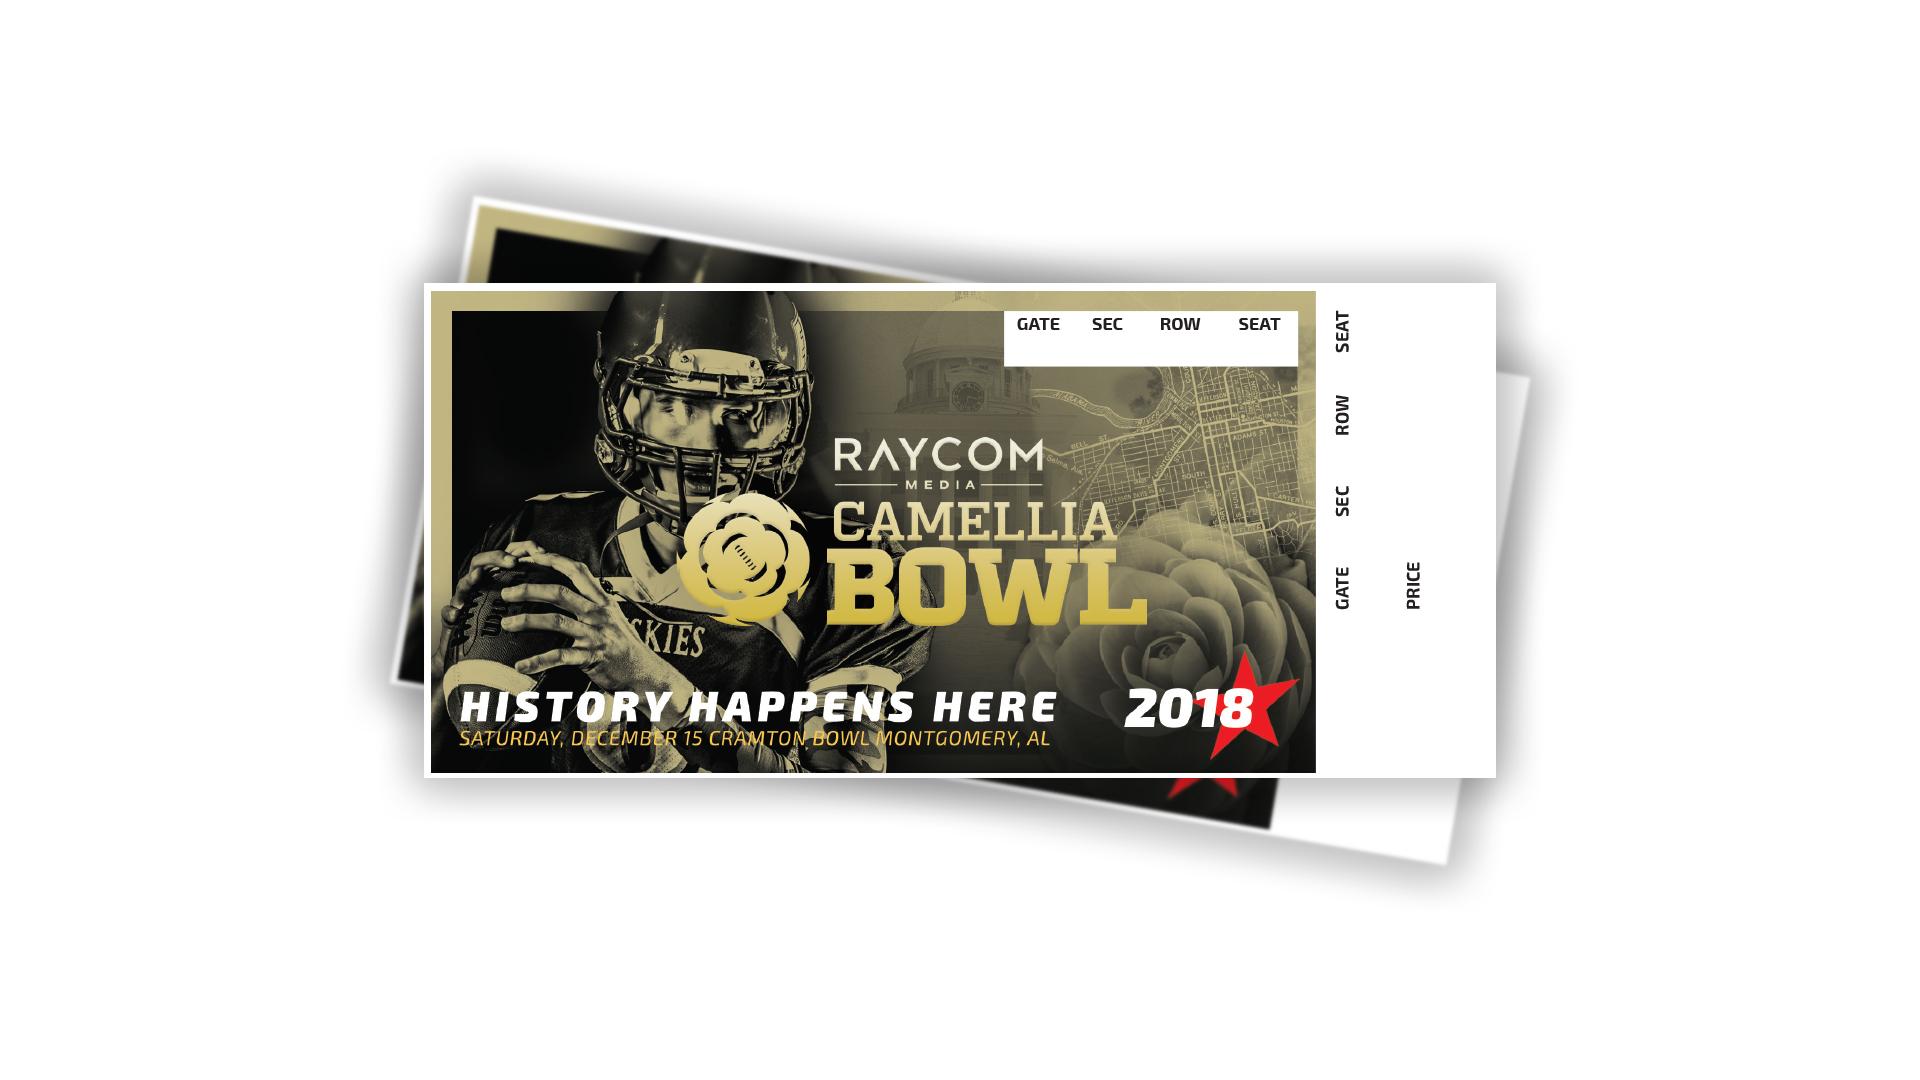 2018 Raycom Media Camellia Bowl   Ticket Design